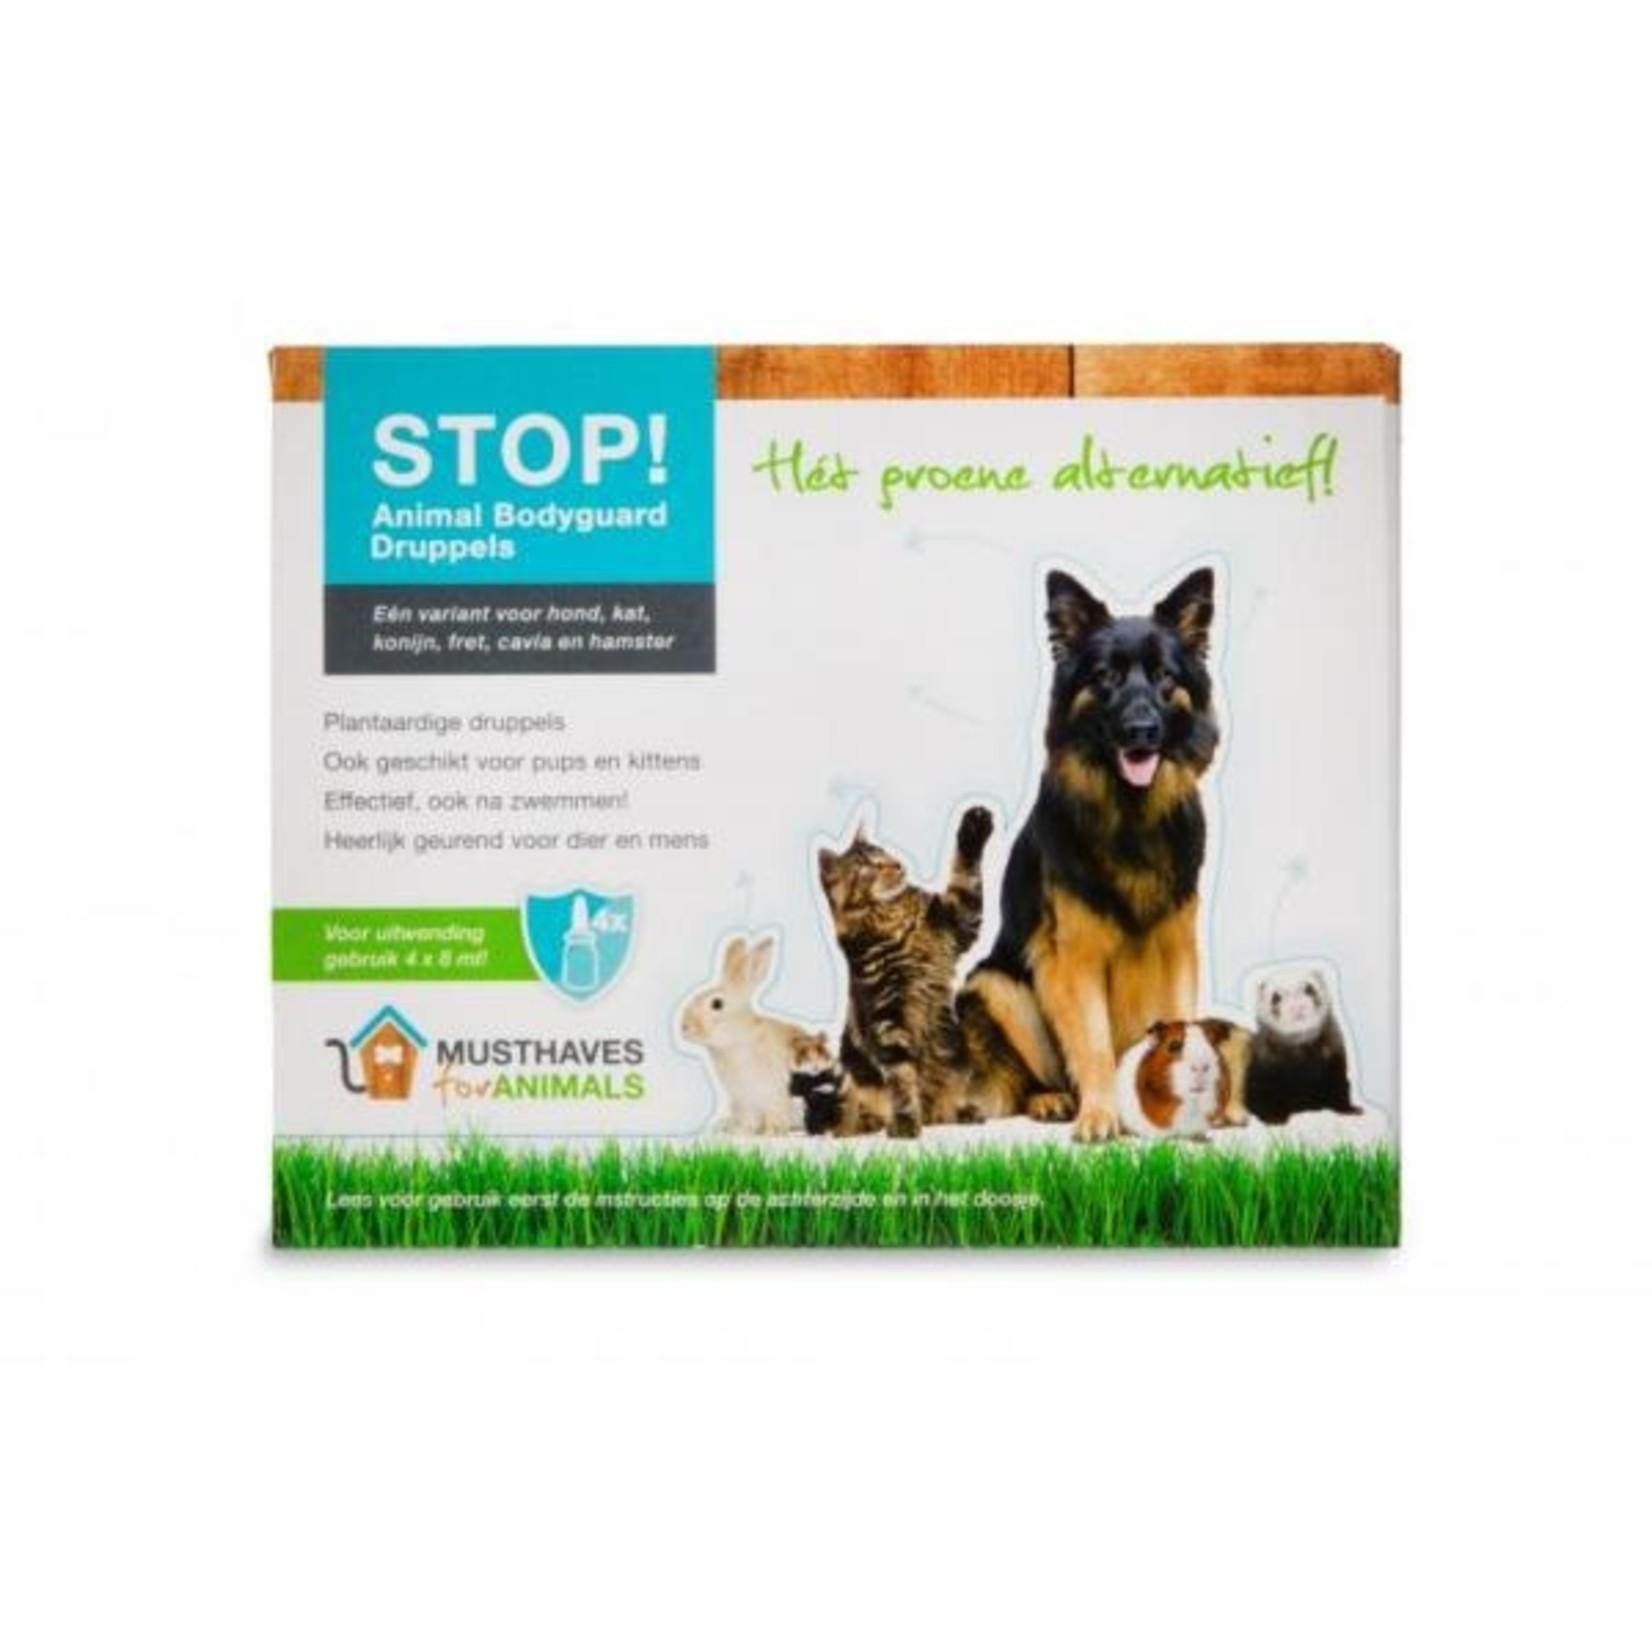 STOP! Animal Bodyguard Druppels